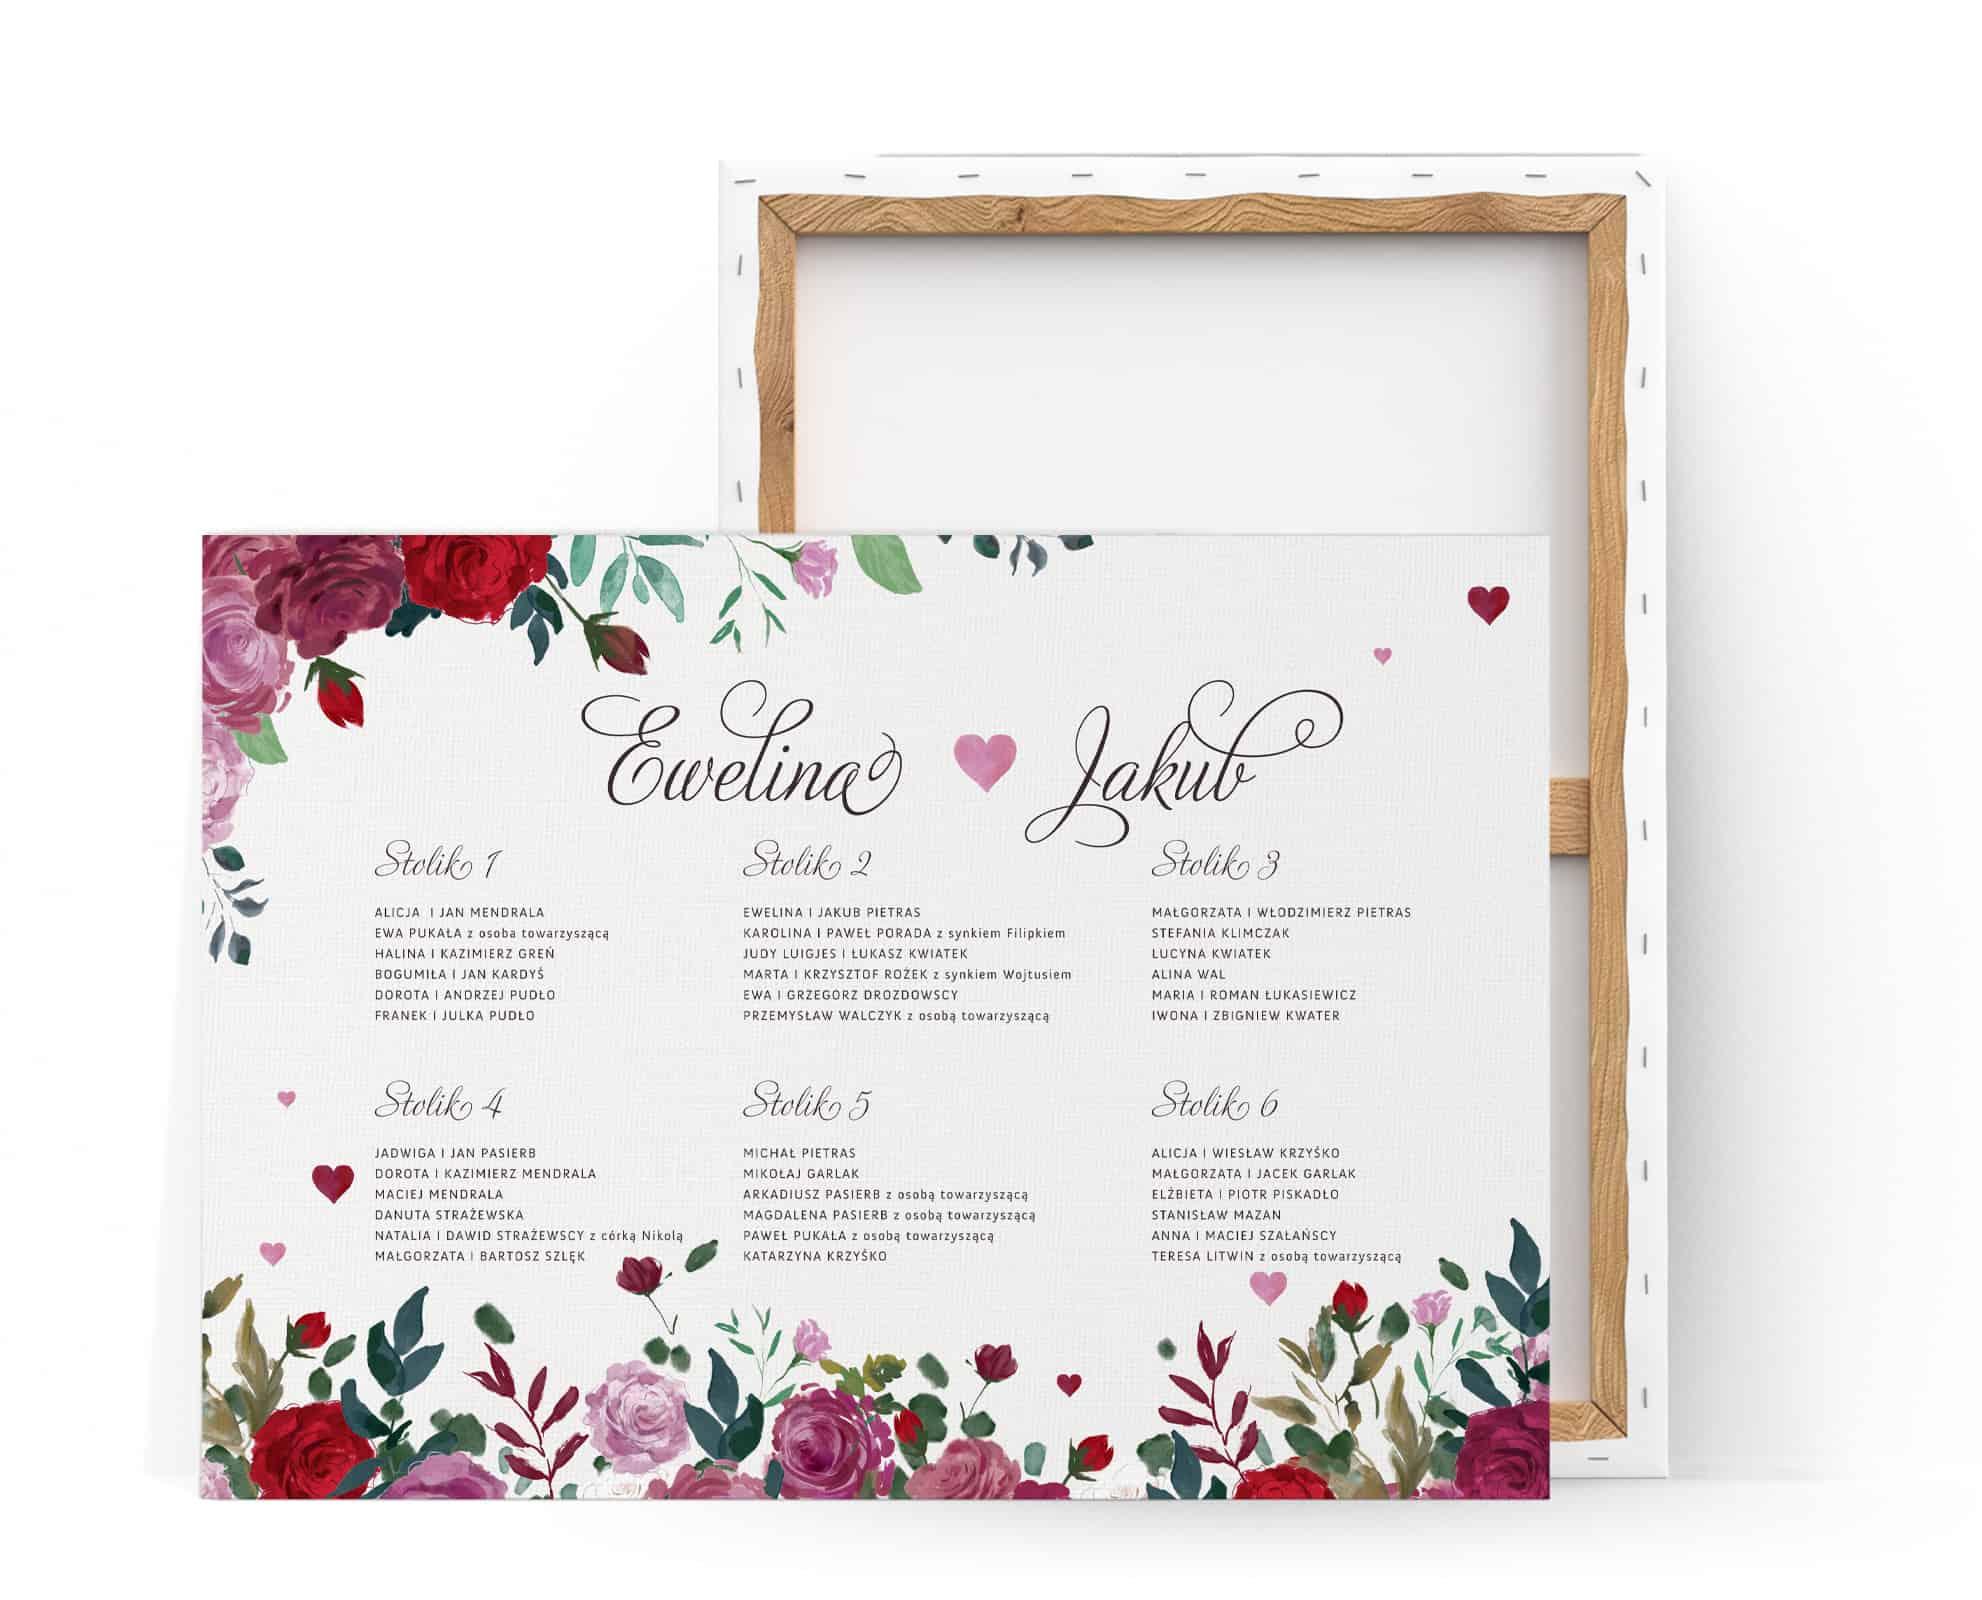 Plan usadzenia gości przy stołach z kwiatami róż, w romantycznym stylu